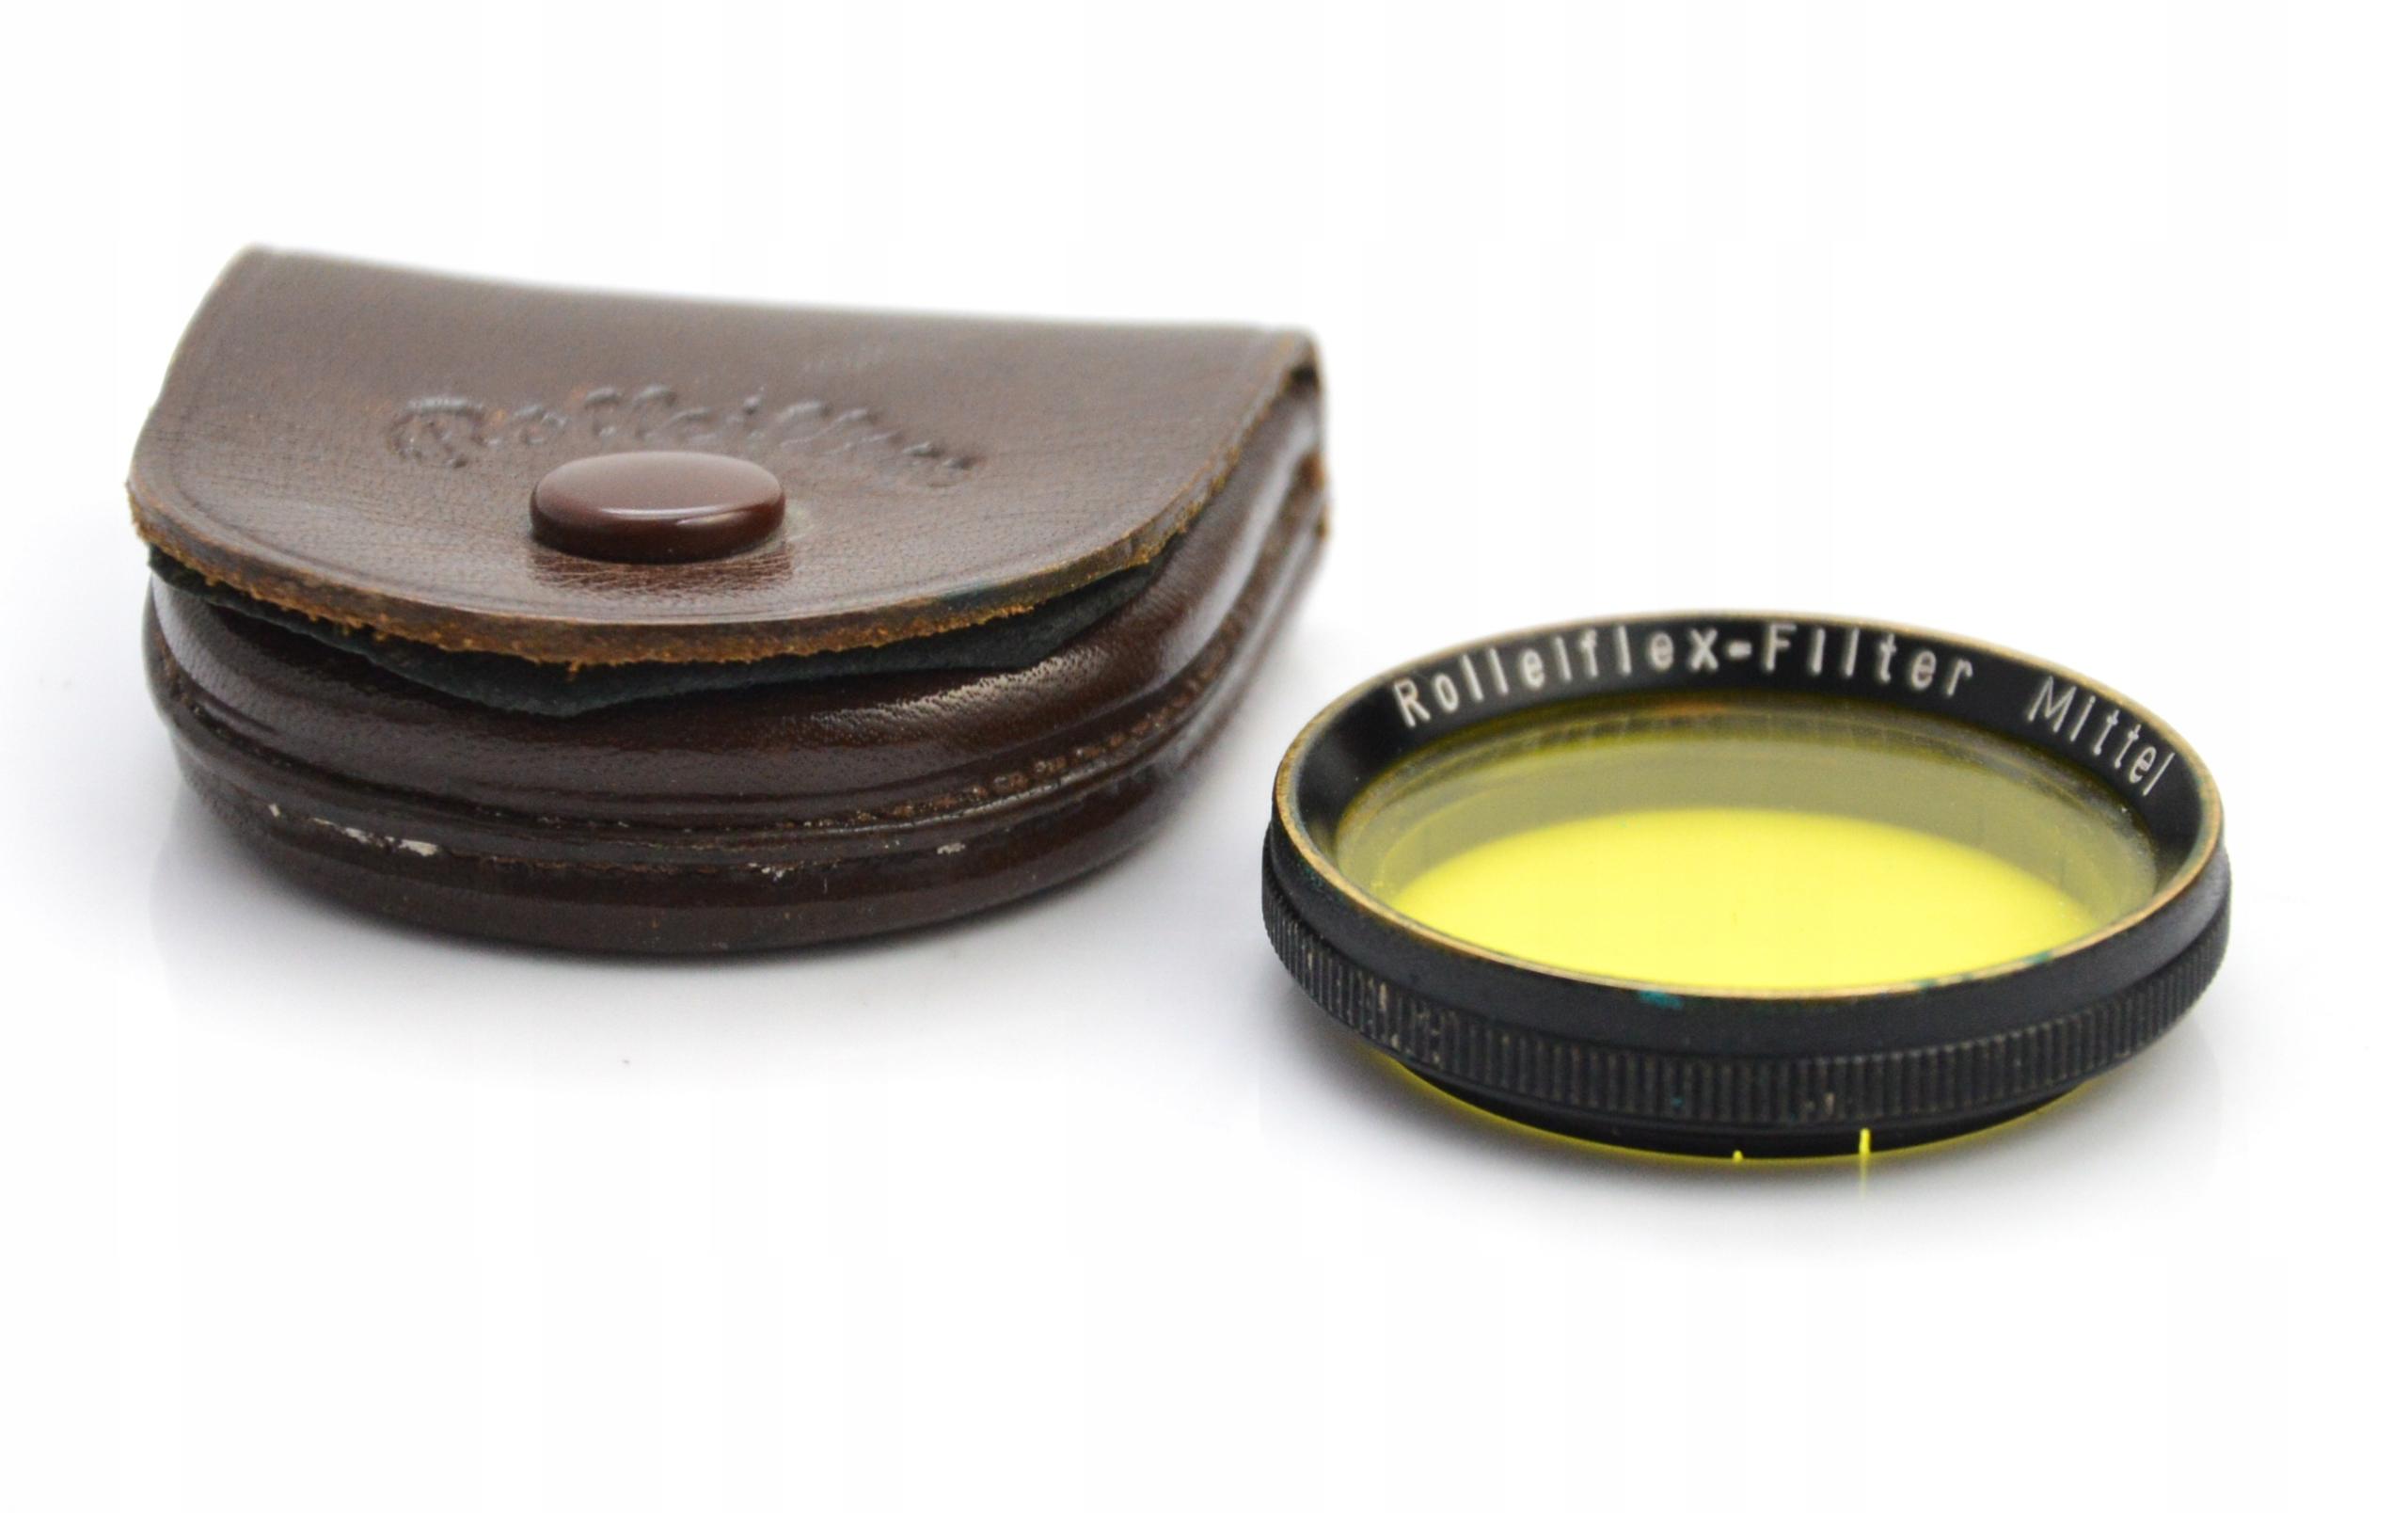 Filtr żółty do aparatu Rolleiflex